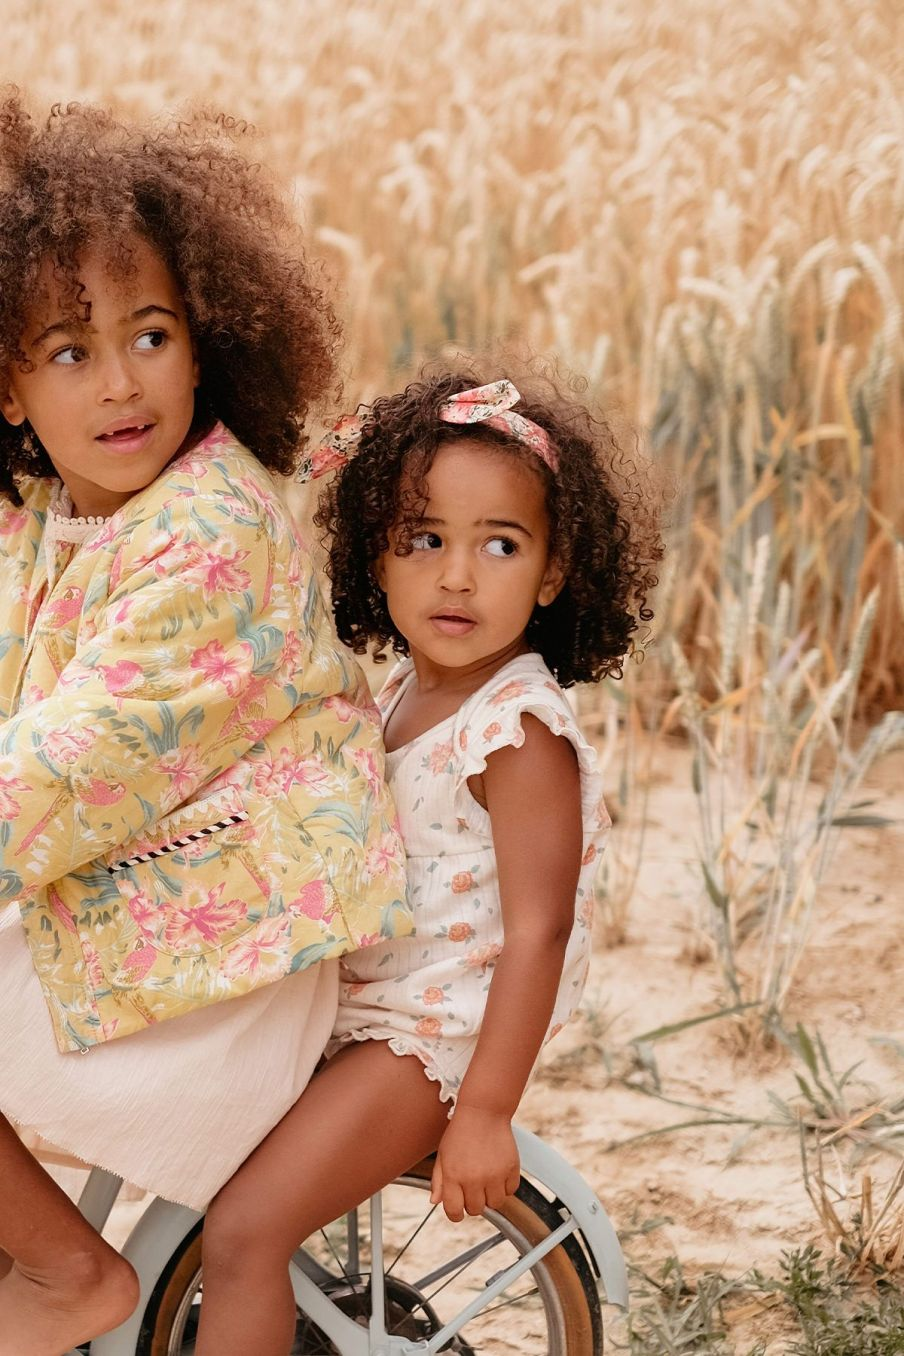 boheme chic vintage bandeau bébé fille cally pink meadow